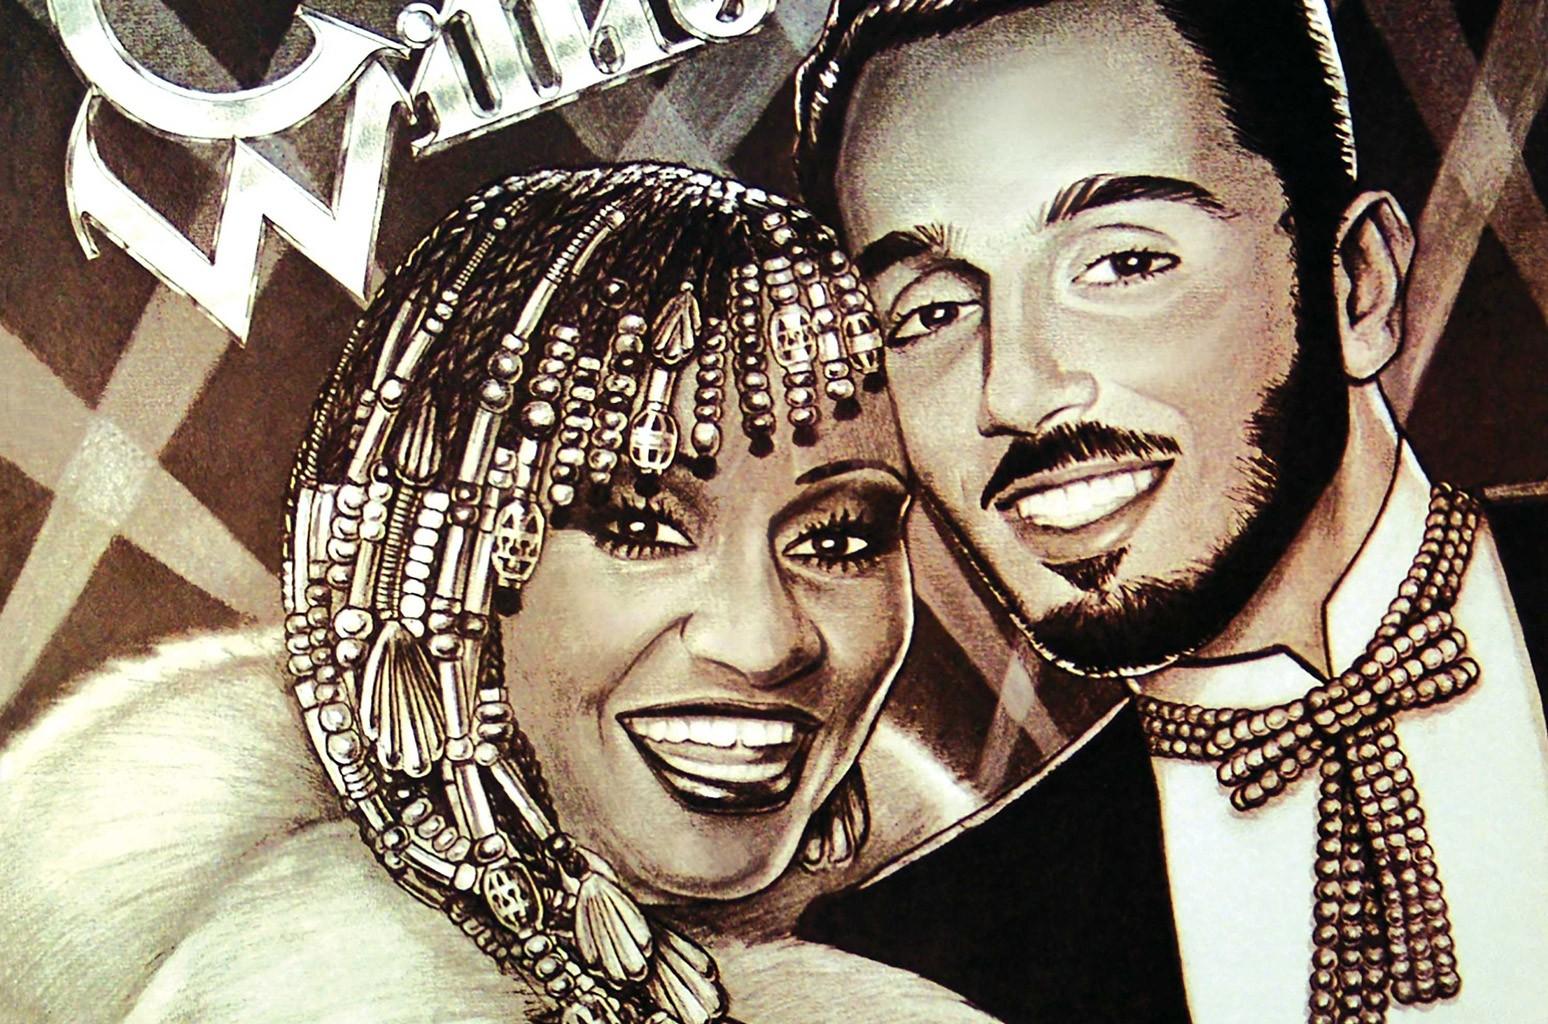 Celia Cruz & Willie Colón